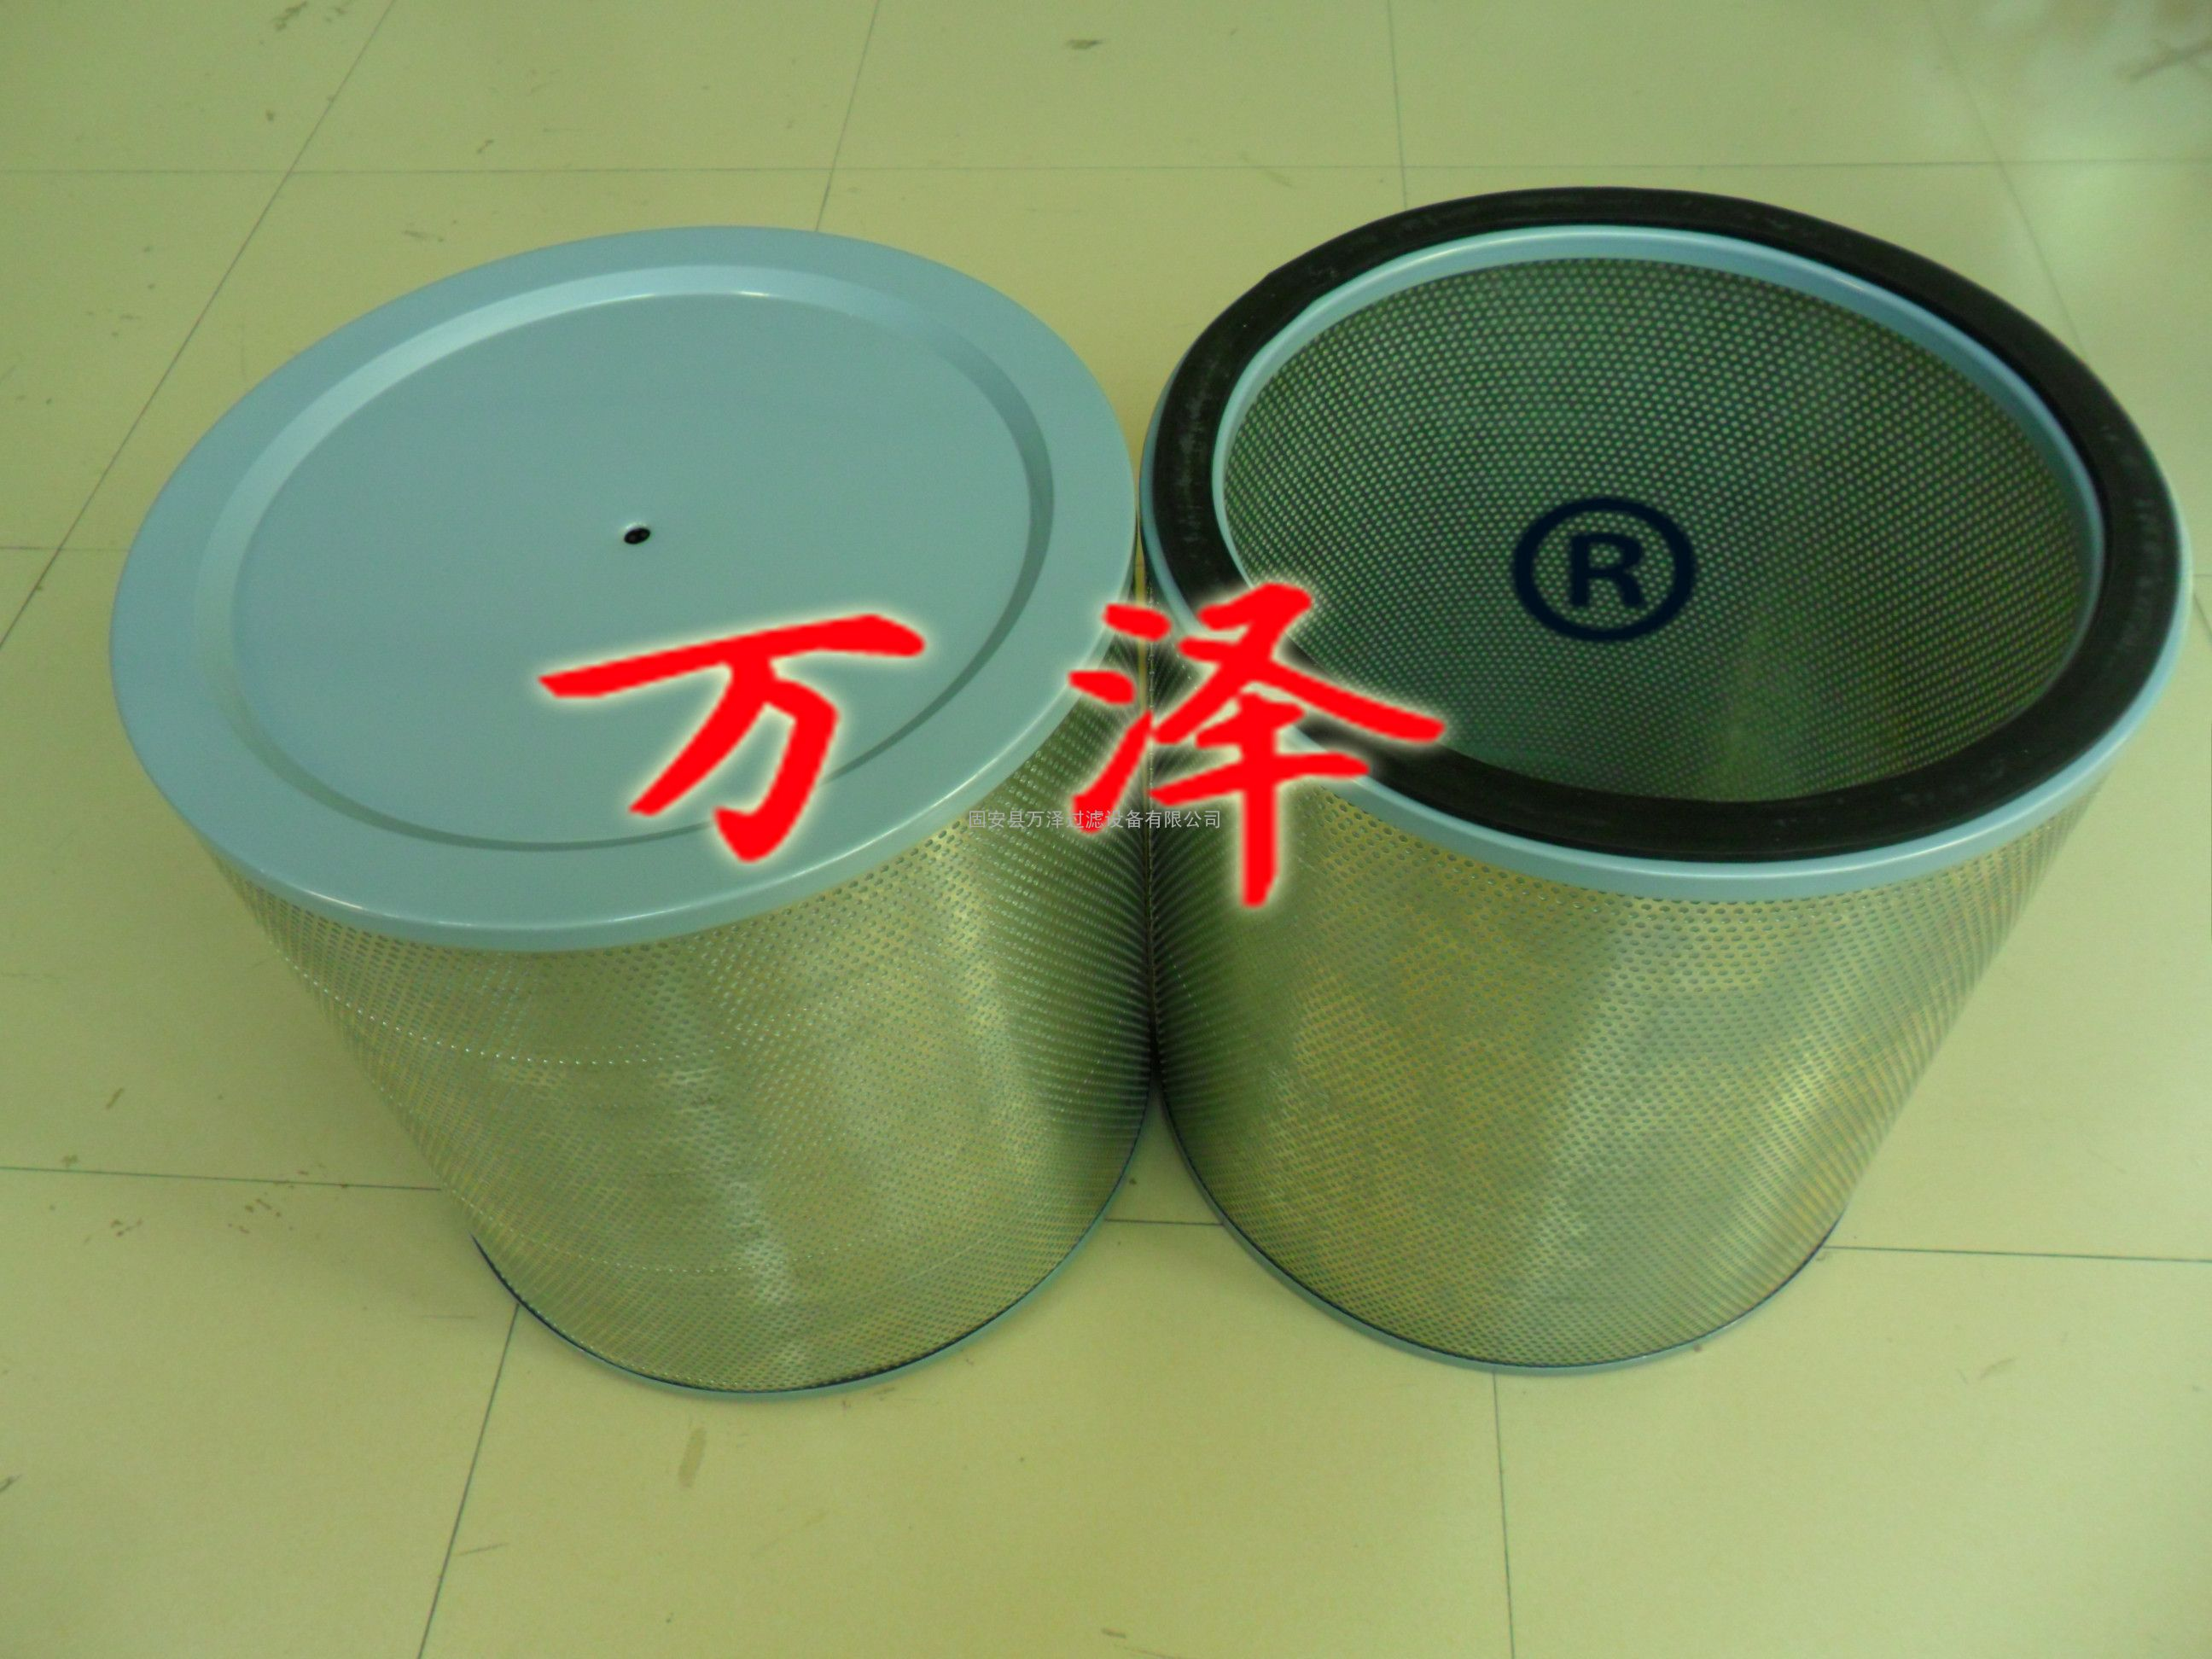 鼓风机除尘滤芯定制 风机除尘滤筒长期供应